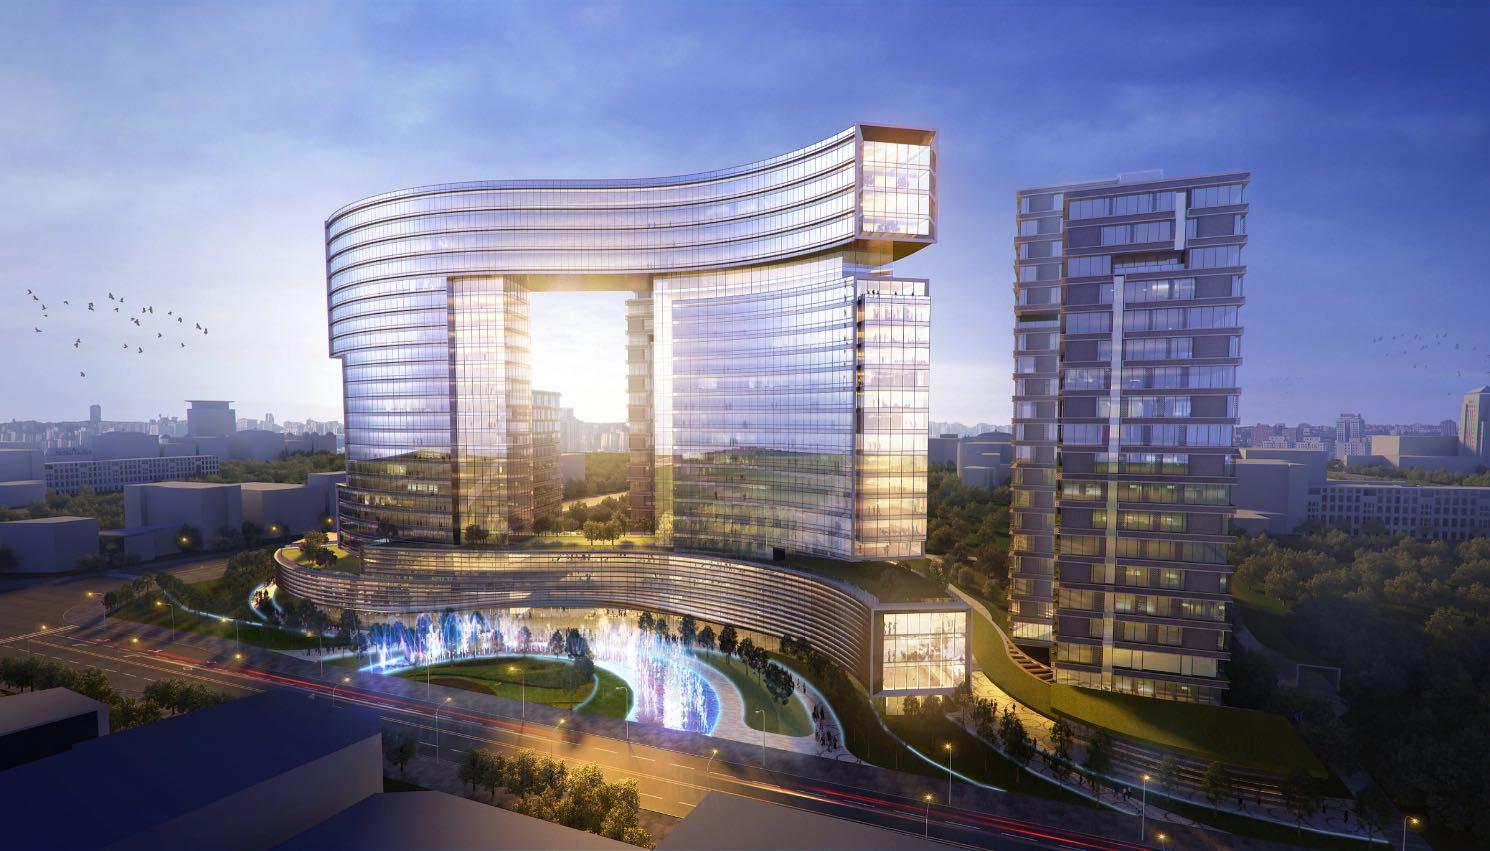 千喜鹤京南IFC国际金融中心…